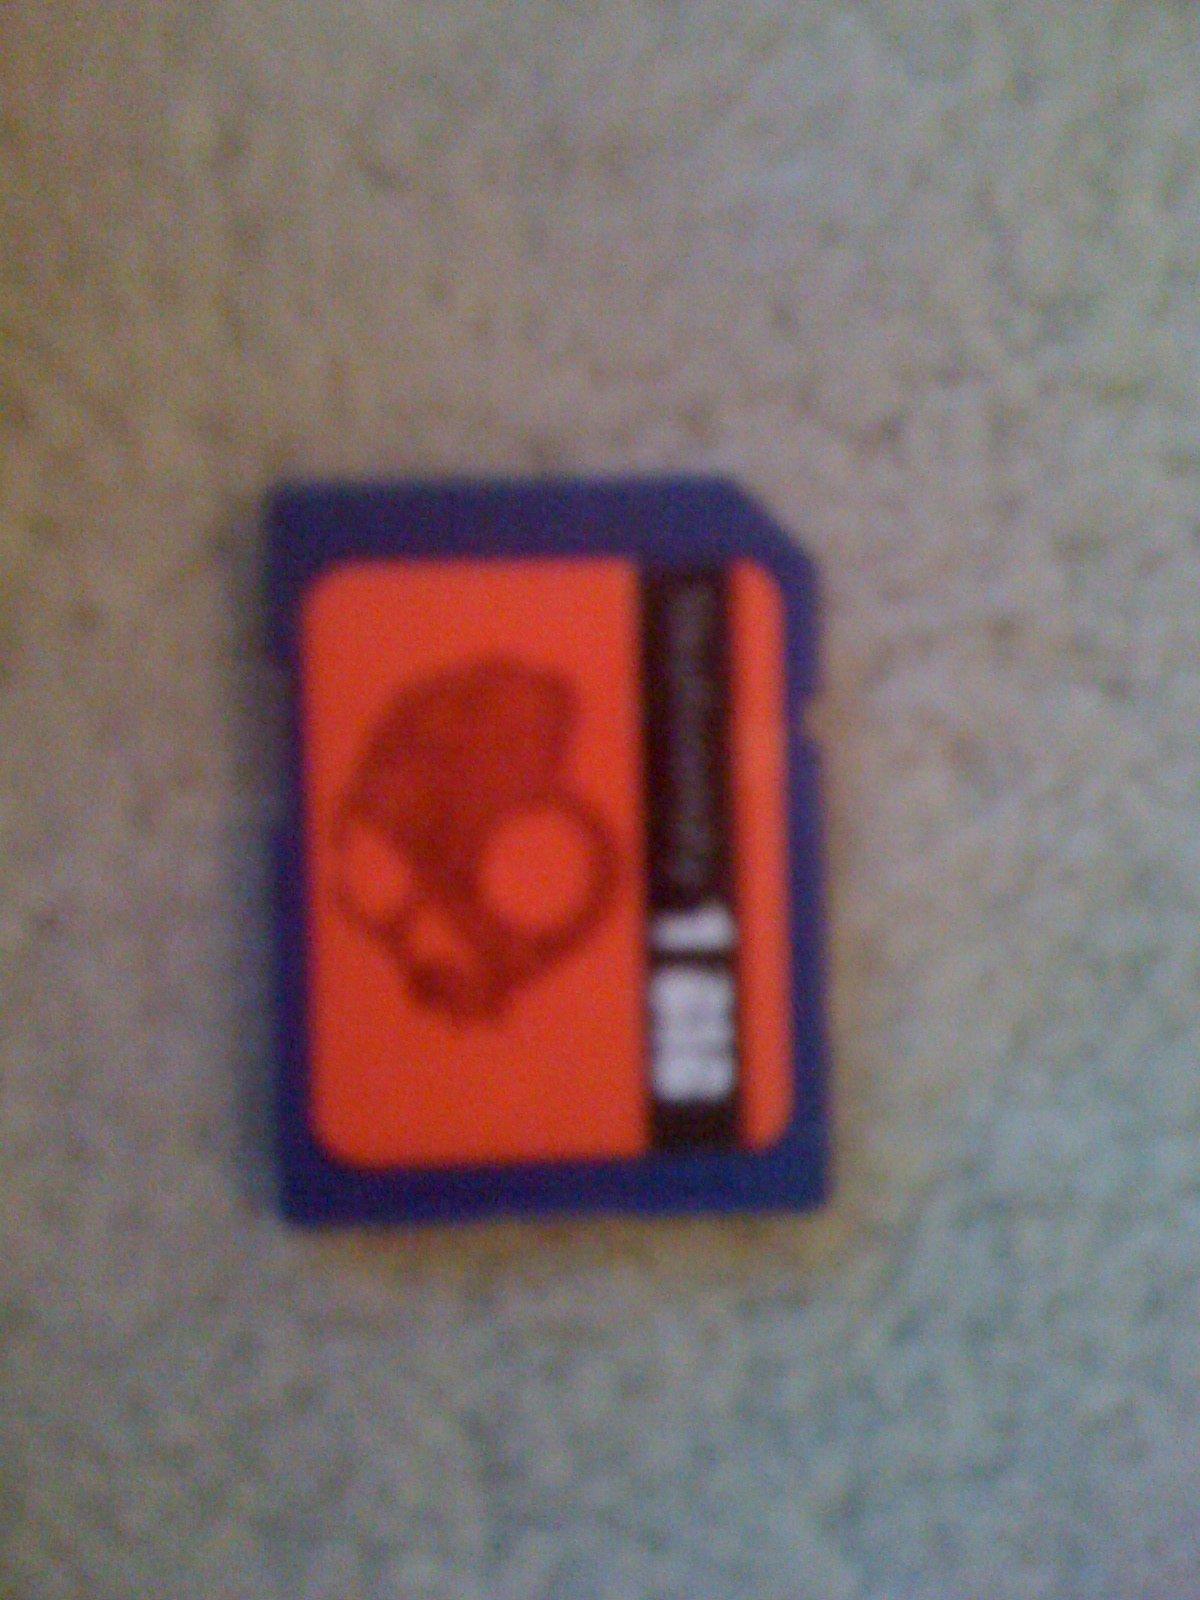 Headphone sd card